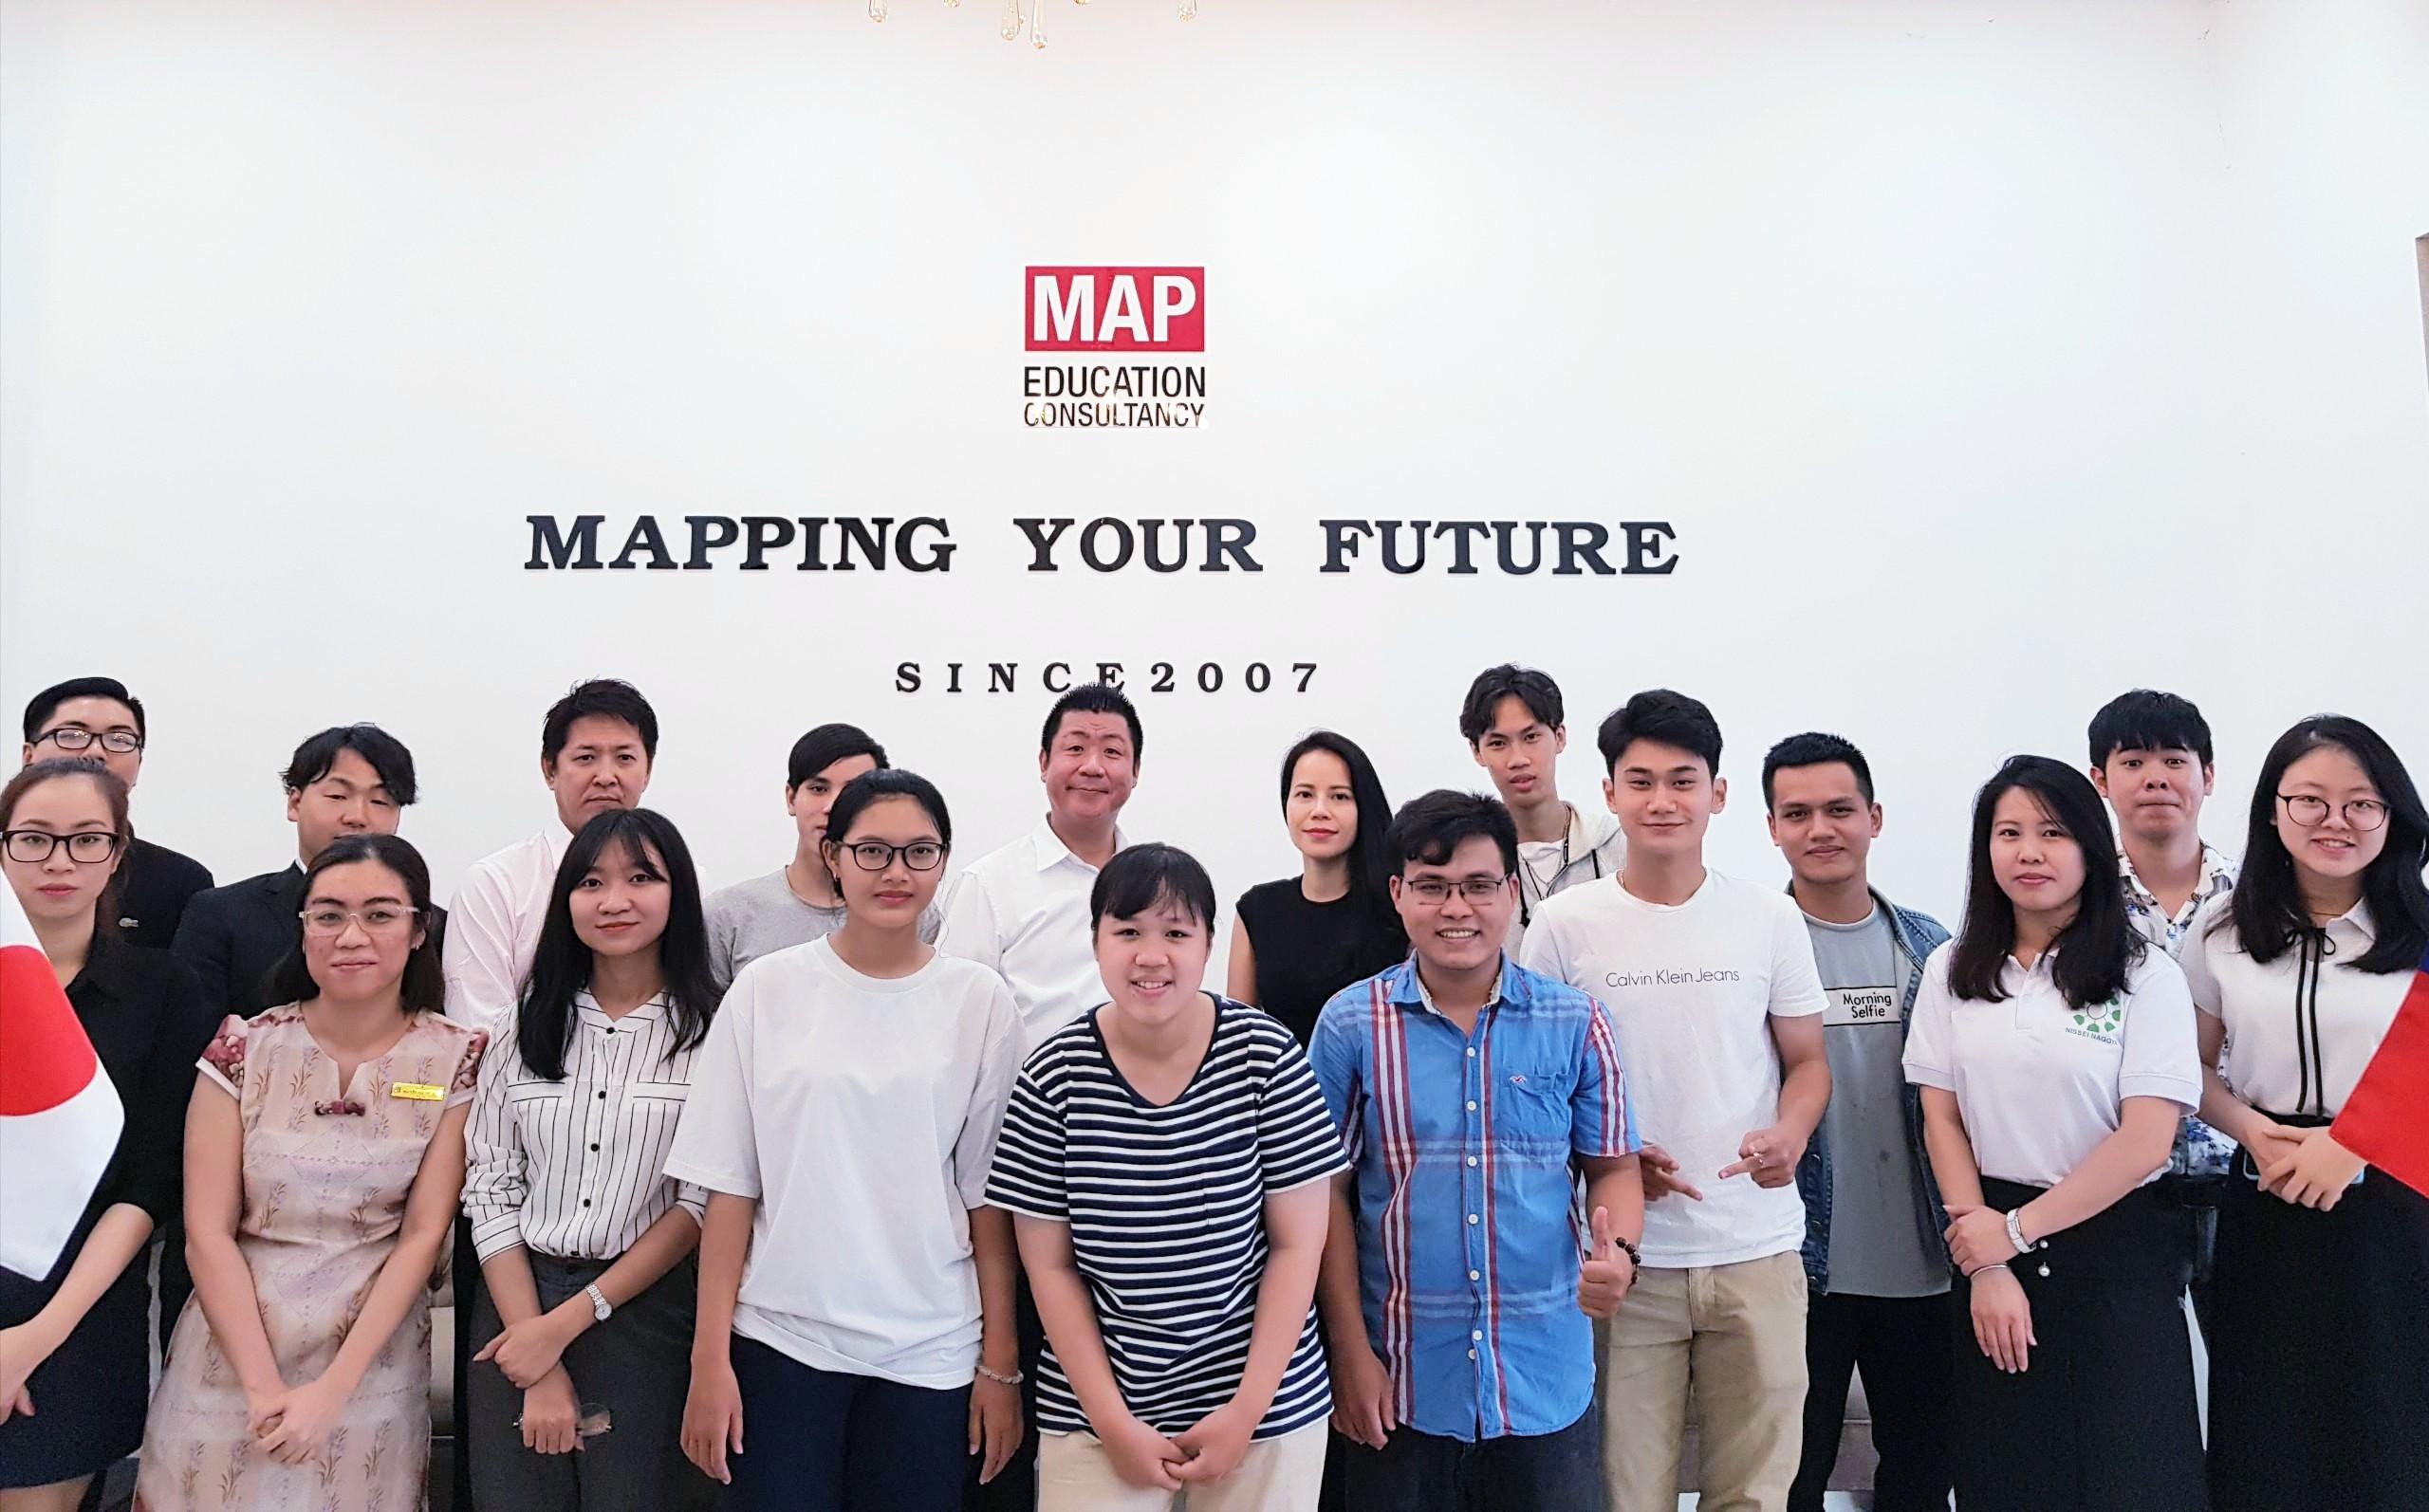 Thầy hiệu trưởng Kaneda Hashimune tại Nissei Nagoya trong chuyến thăm MAP Hồ Chí Minh và giao lưu với sinh viên